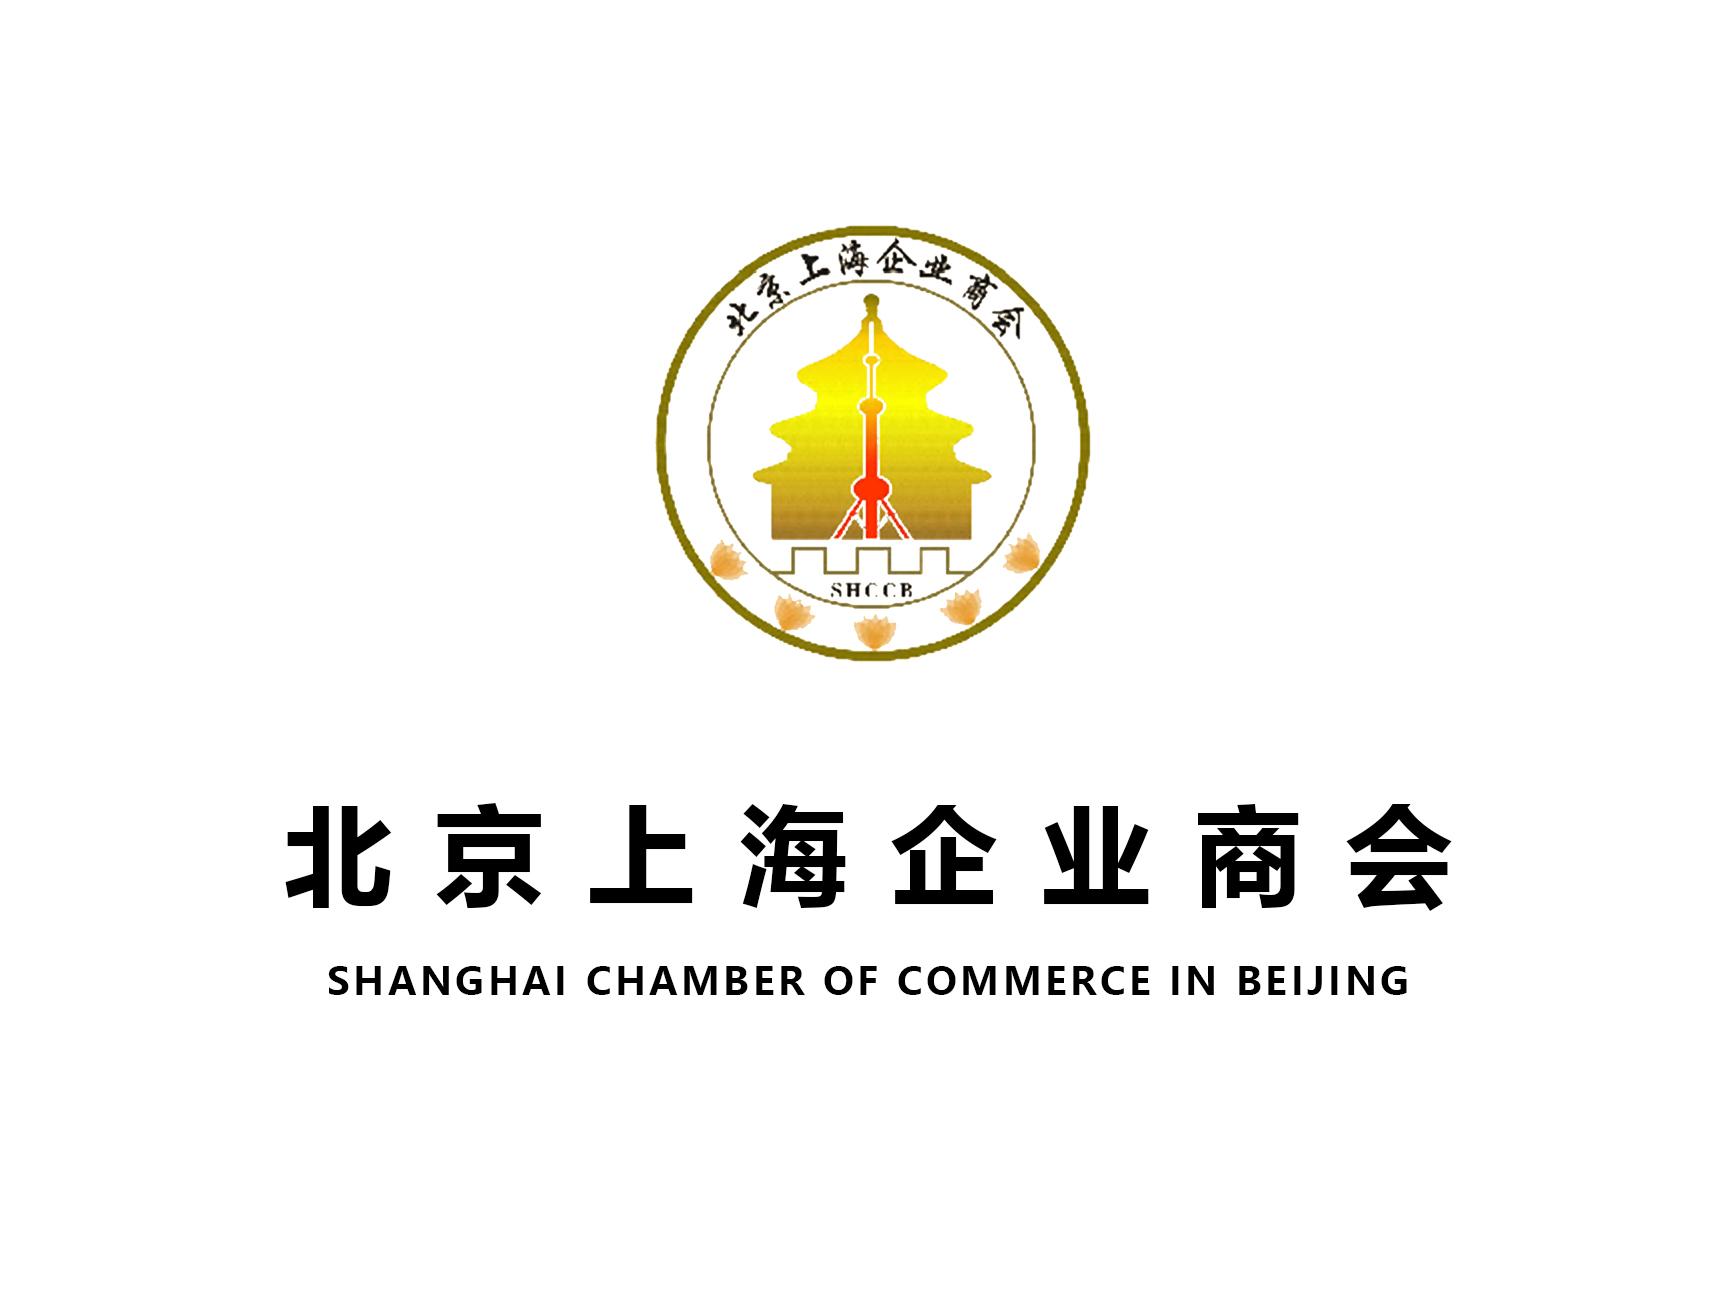 北京上海企业商会——联结京沪